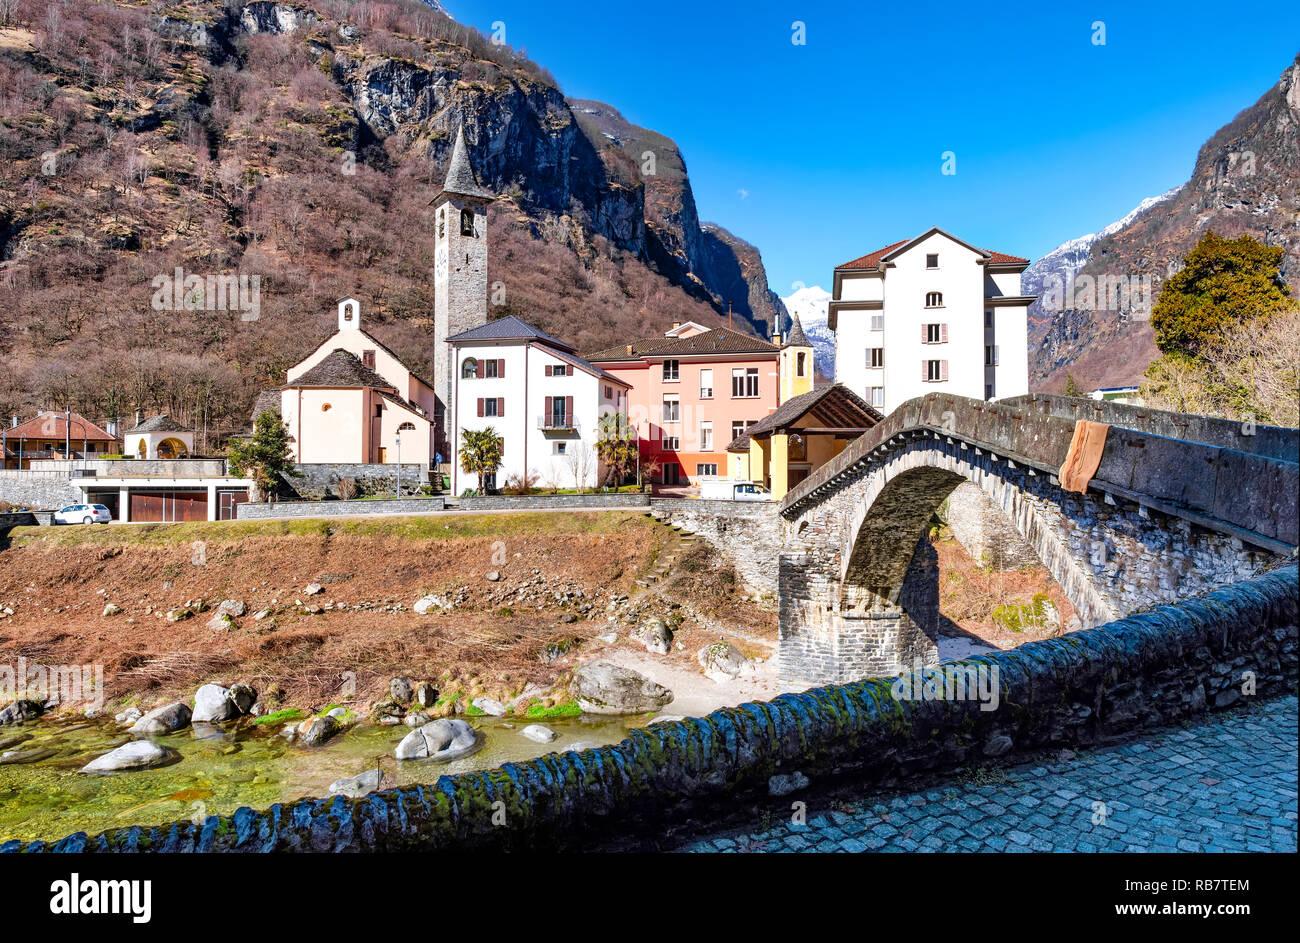 Montaña, Suiza, Puente - estructura construida, los Alpes, el valle de Maggia Foto de stock